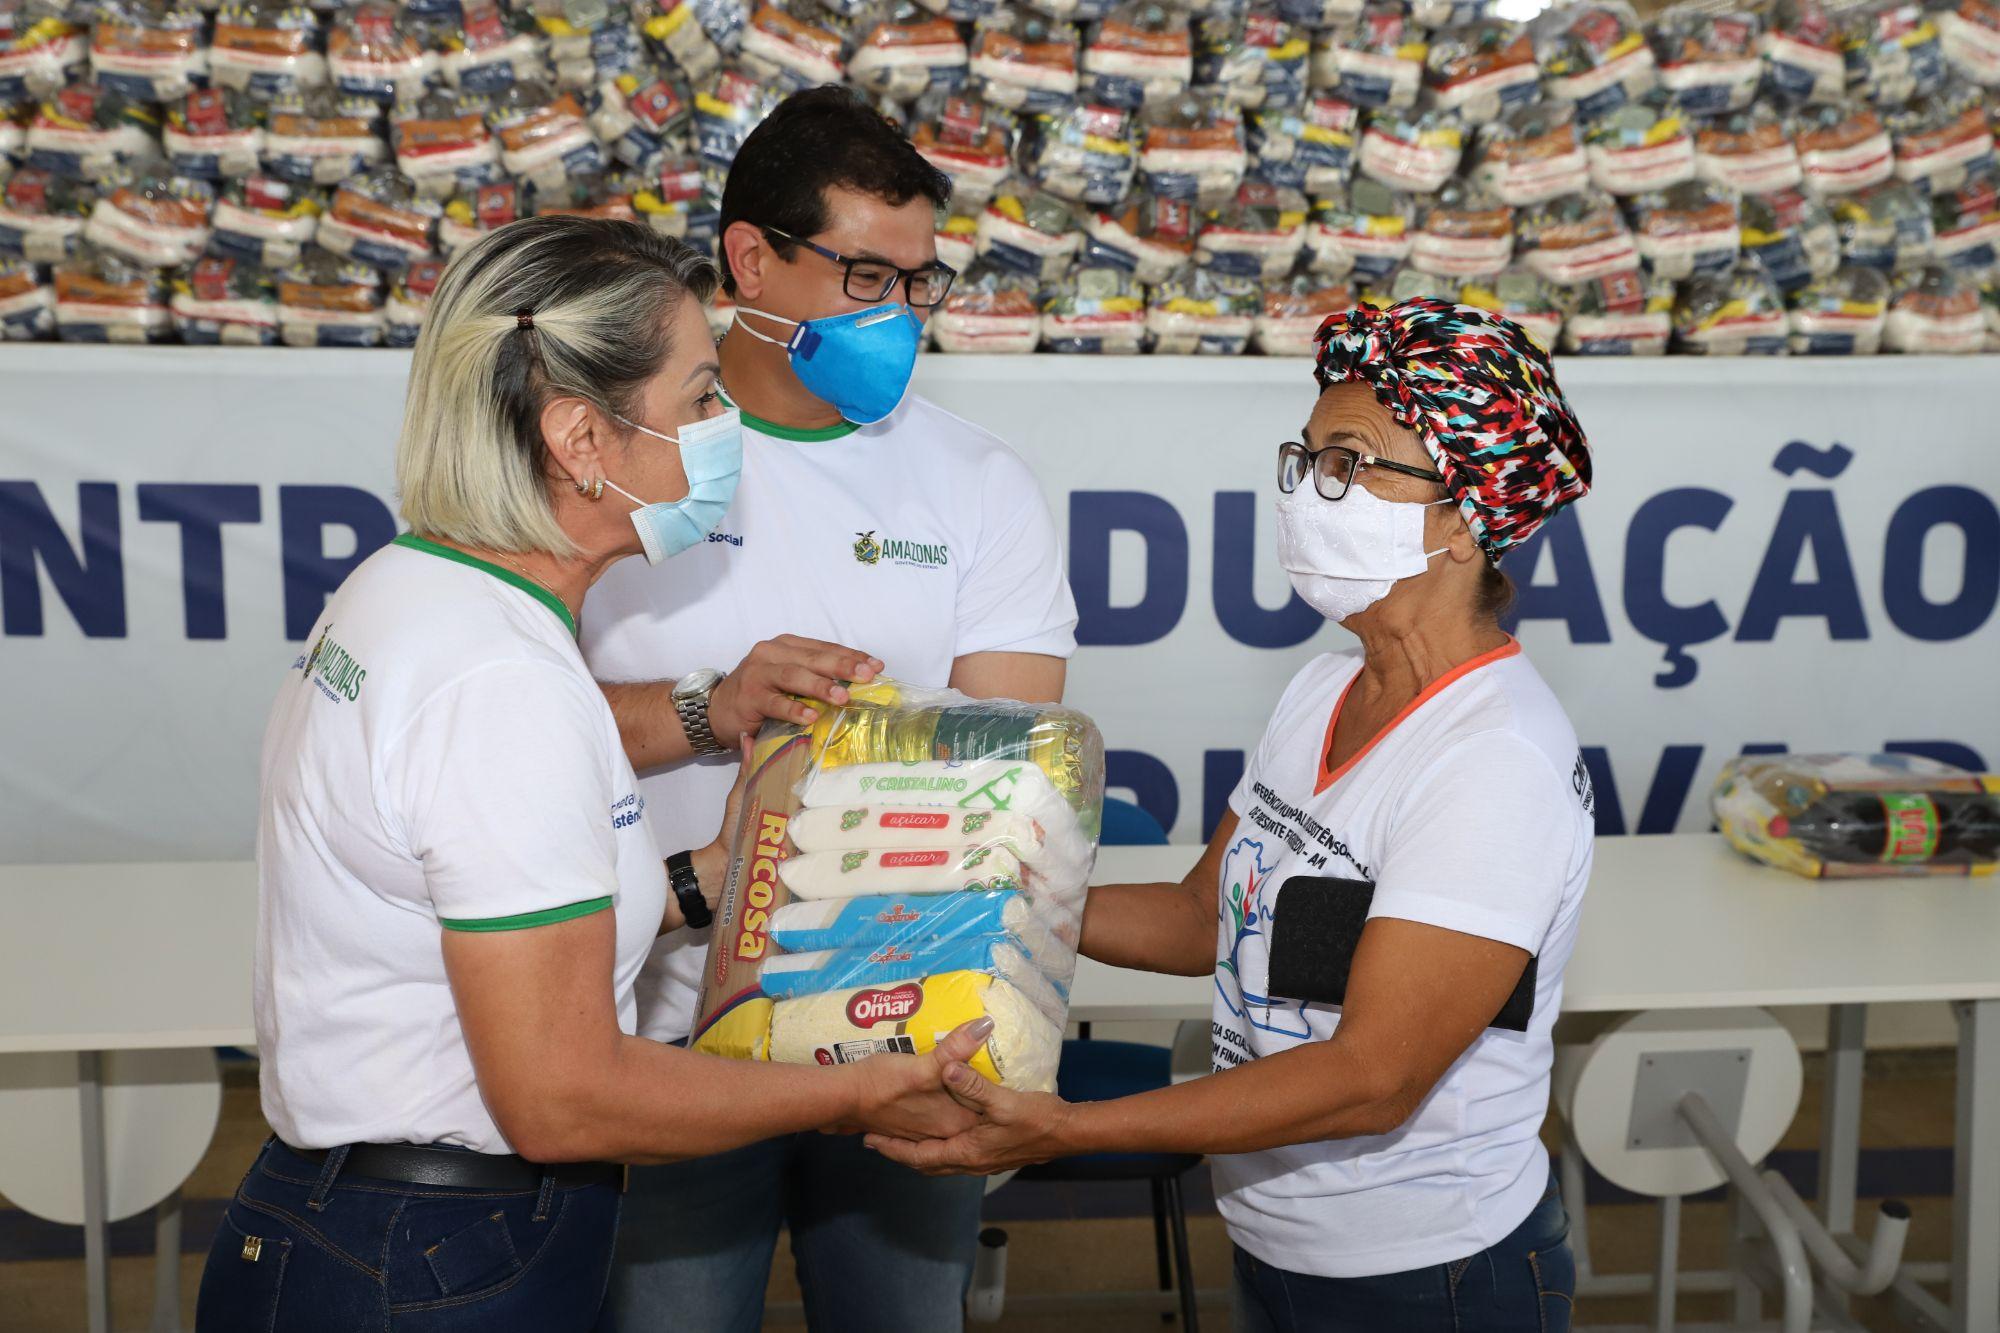 Governo do Estado, por meio da Seas, beneficia entidades de Presidente Figueiredo com cestas básicas e máscaras